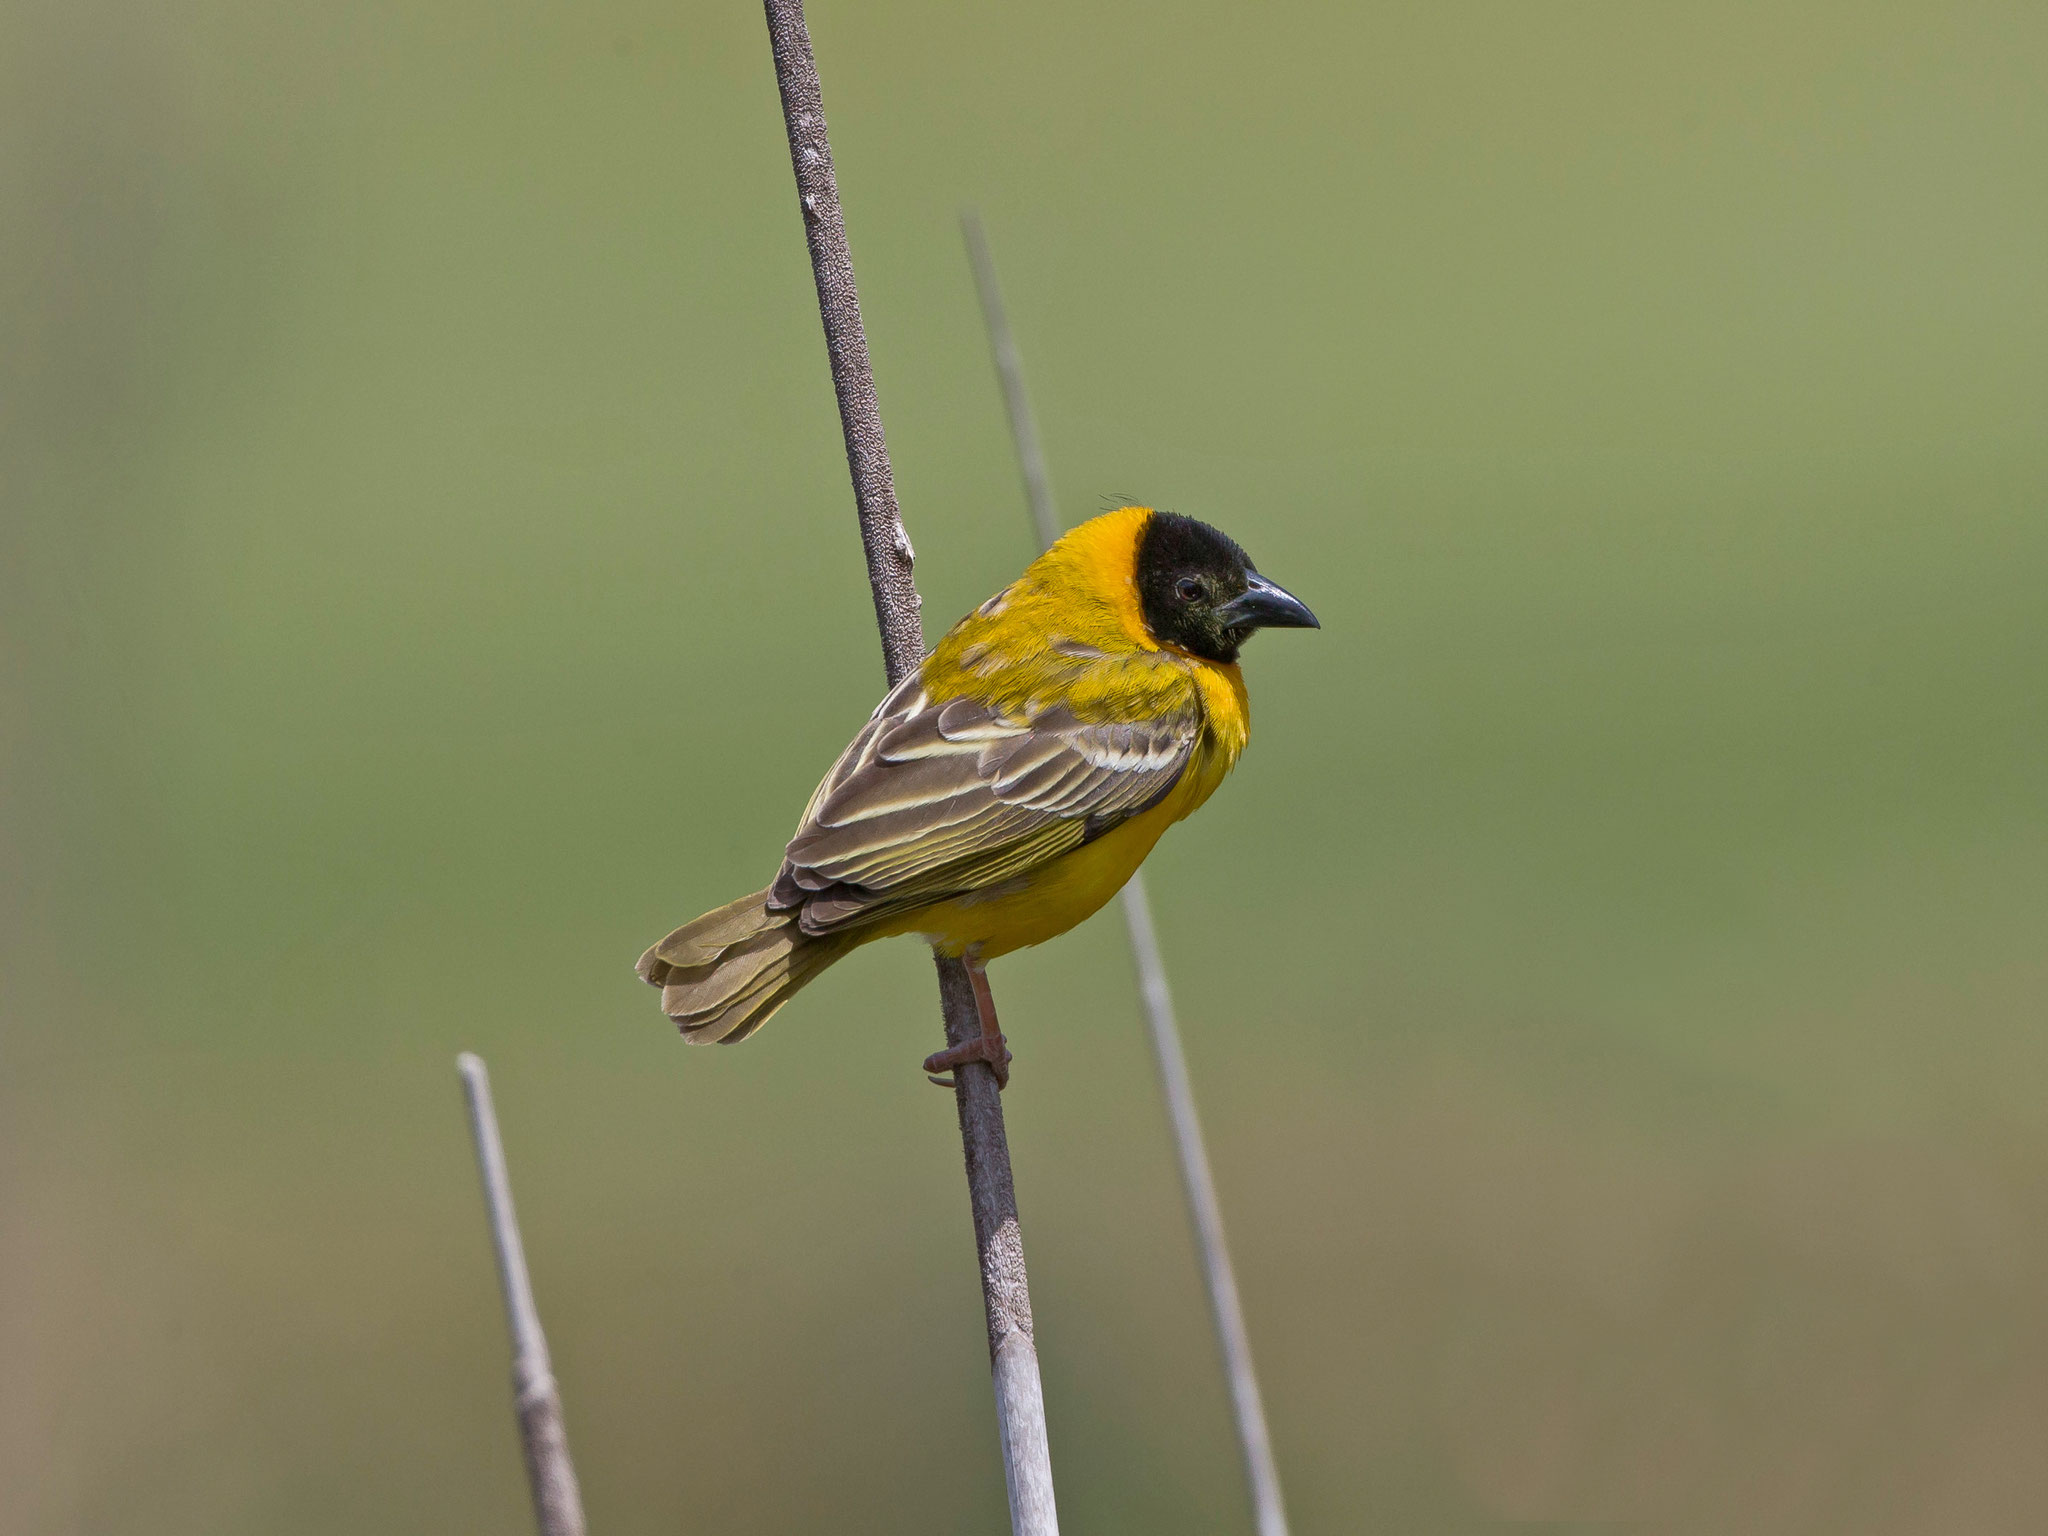 Der zu den Webervögeln gehörende Schwarzkopfweber ist im zentralen Afrika beheimatet, ...